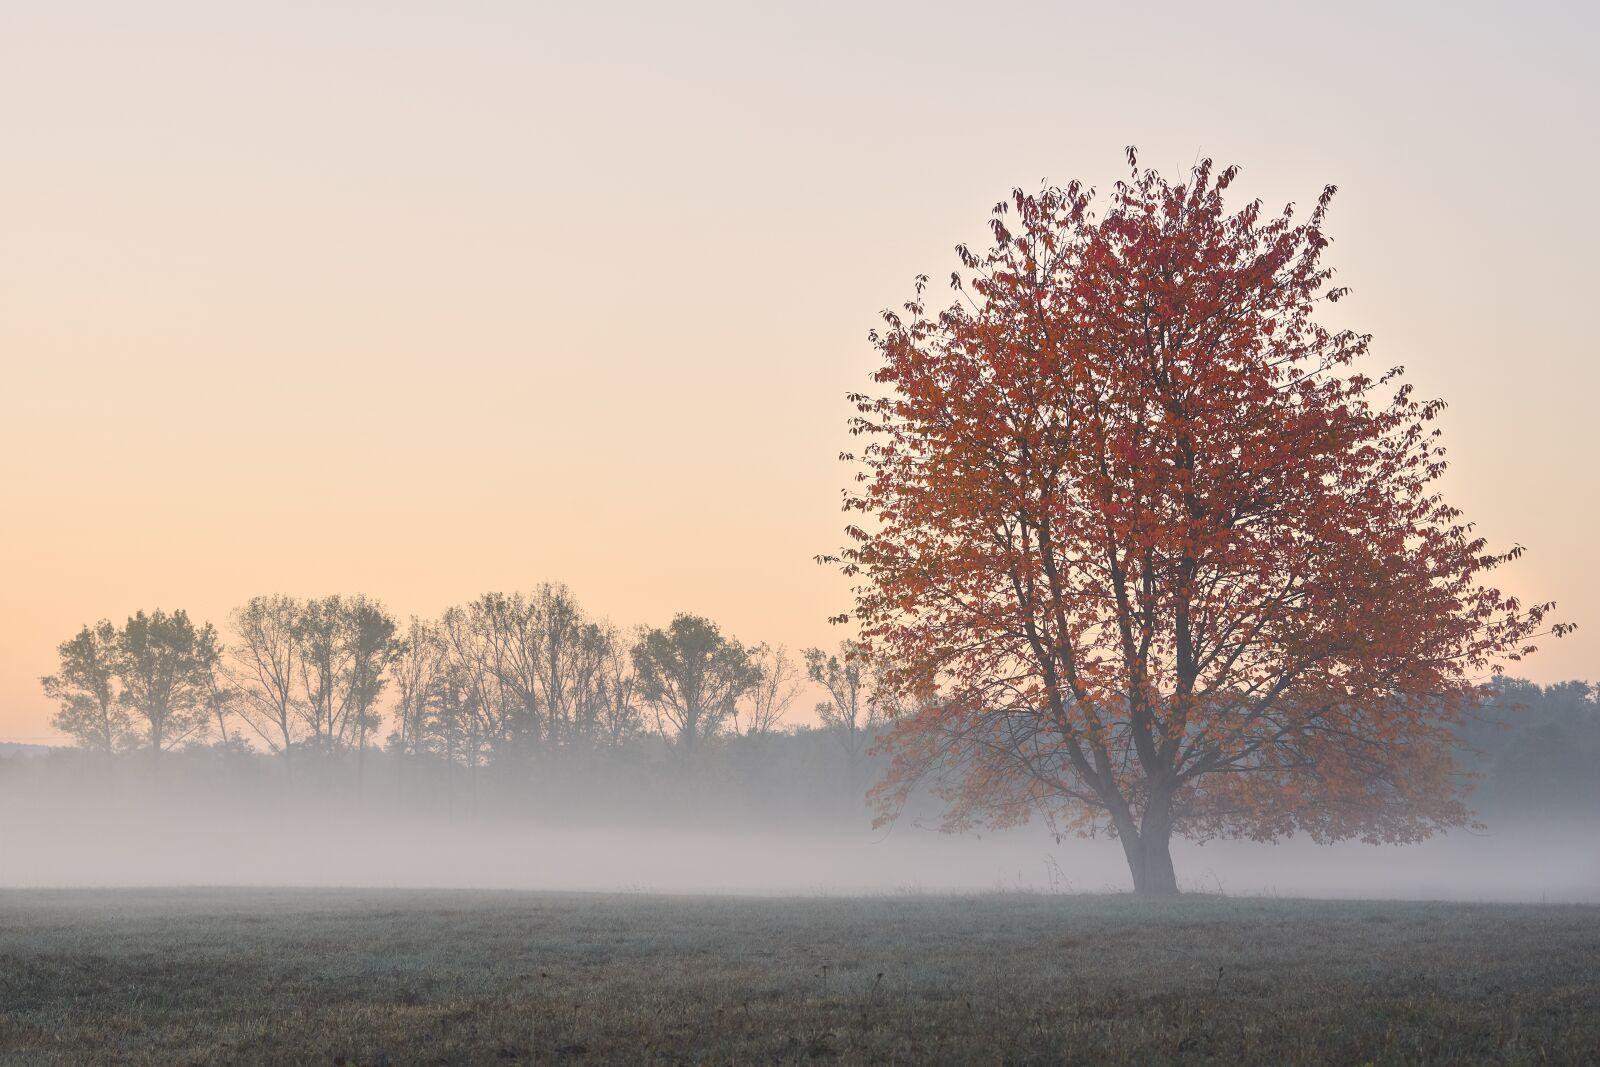 """Sony a6000 sample photo. """"Autumn, tree, fog"""" photography"""